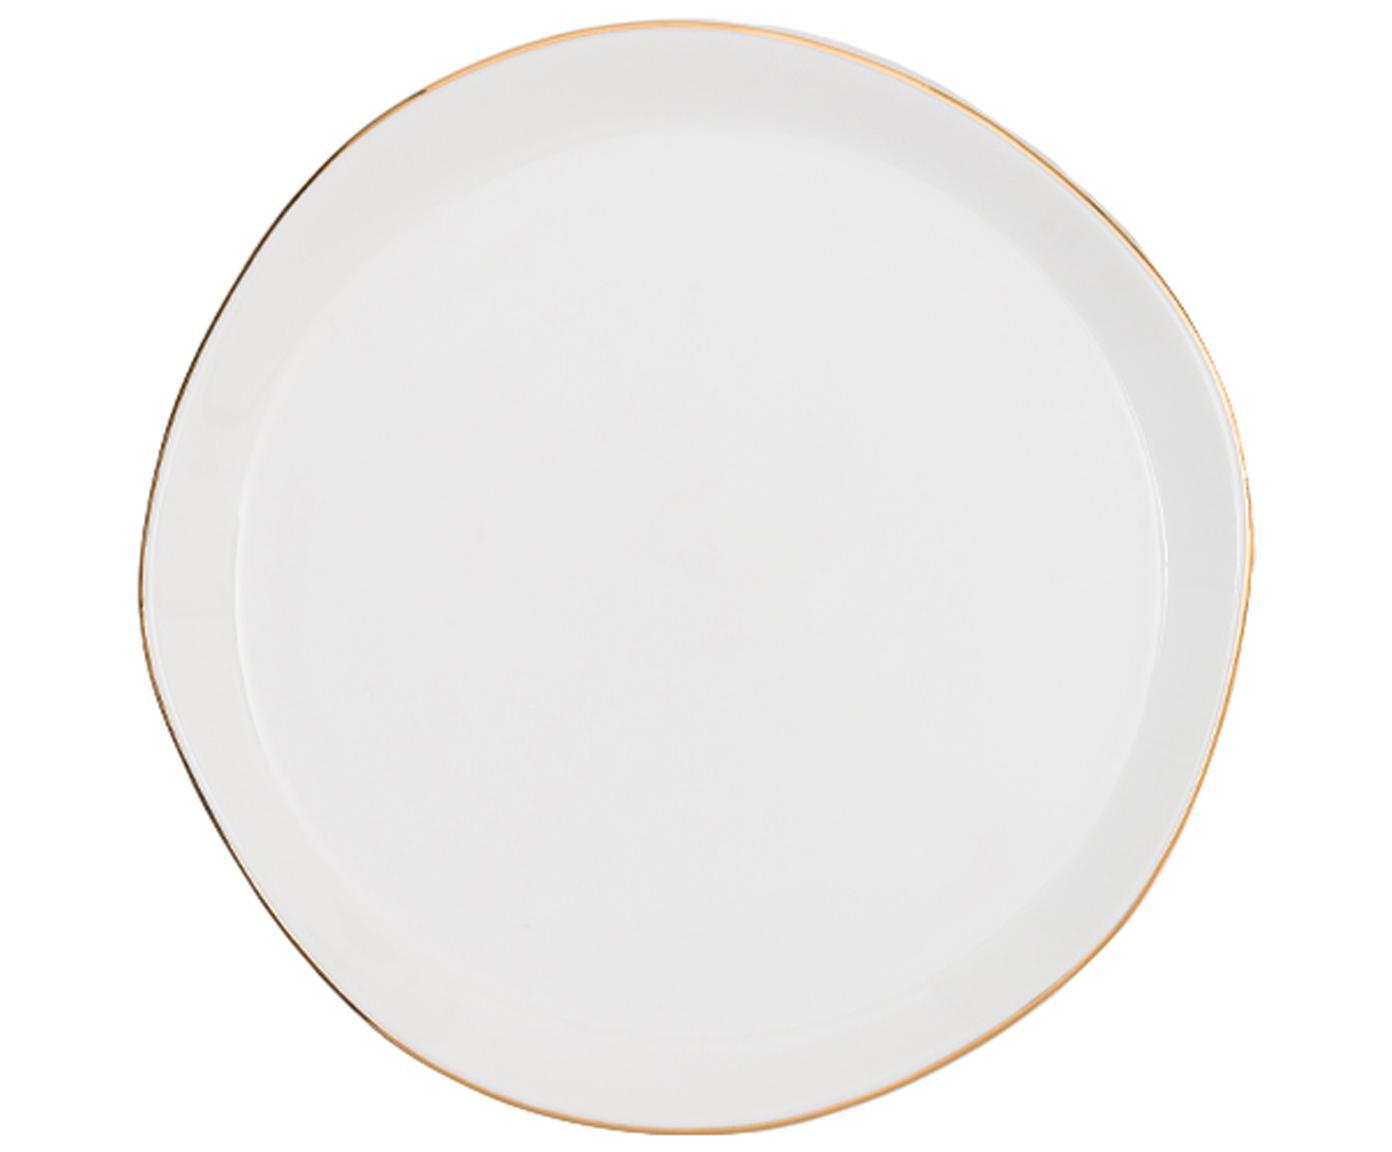 Piatto da colazione con bordo dorato Good Morning, Porcellana, Bianco, dorato, Ø 17 cm